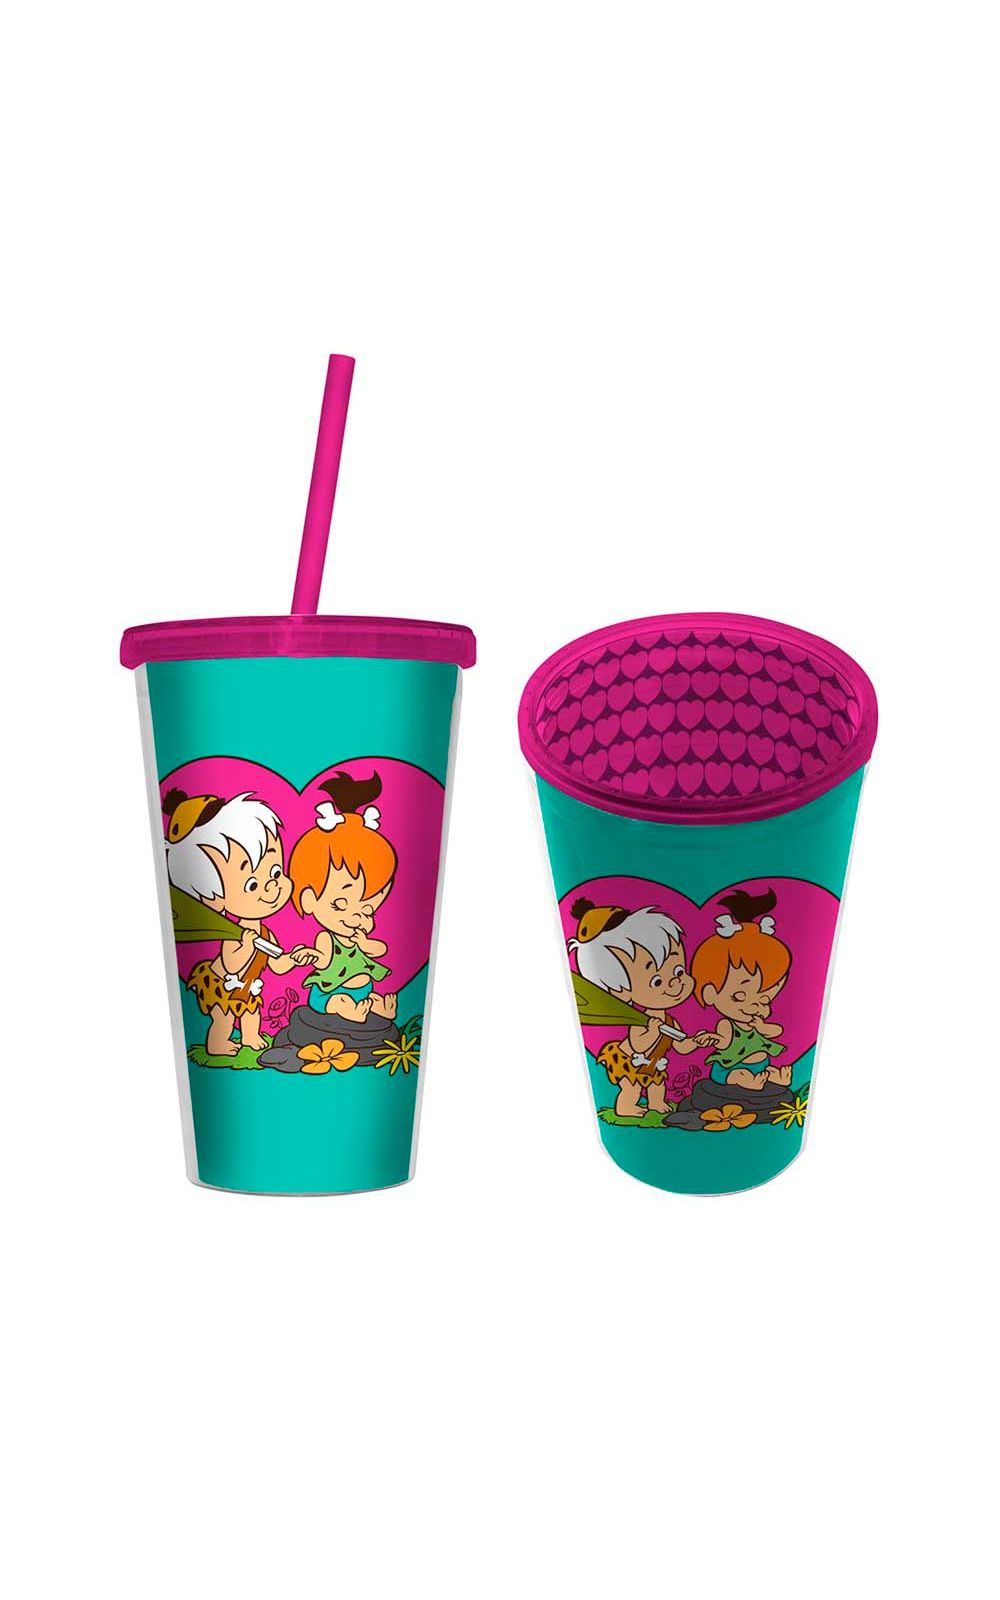 Foto 1 - Copo com Canudo Pedrida e BamBam Os Flinstones Hanna Barbera